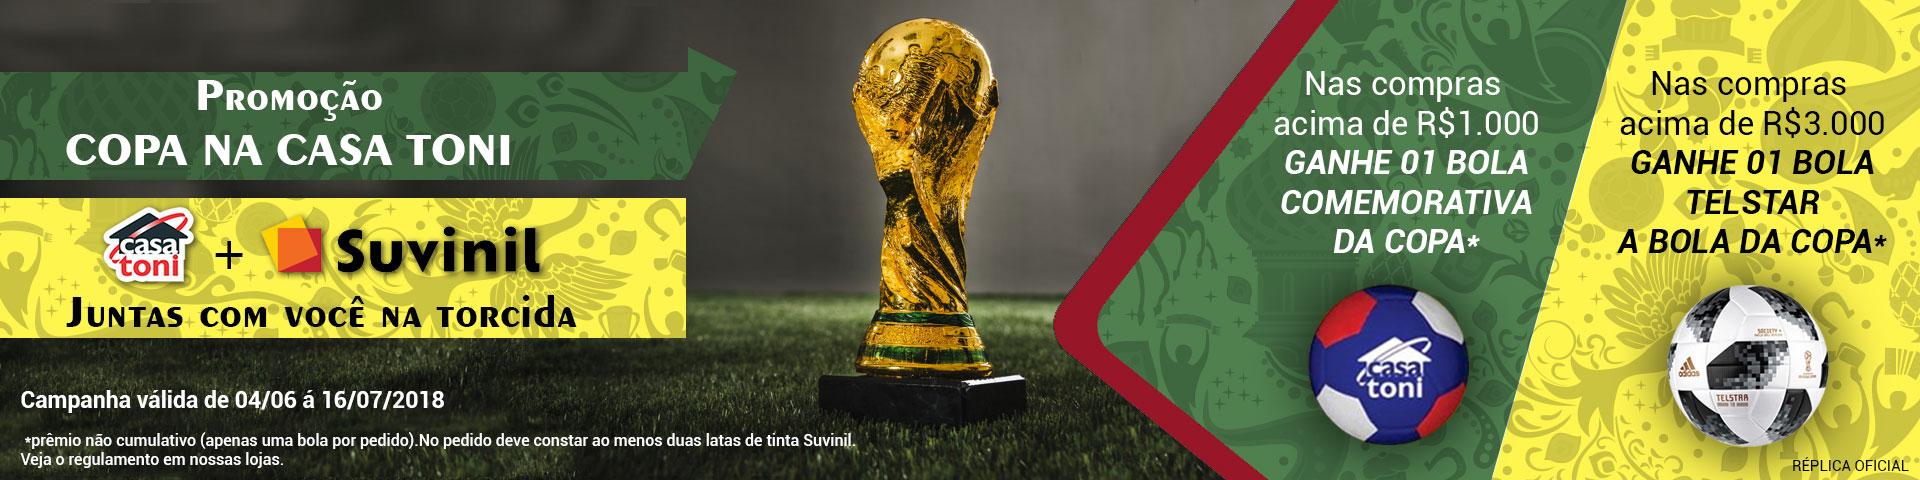 Banner Promocional - Copa do Mundo